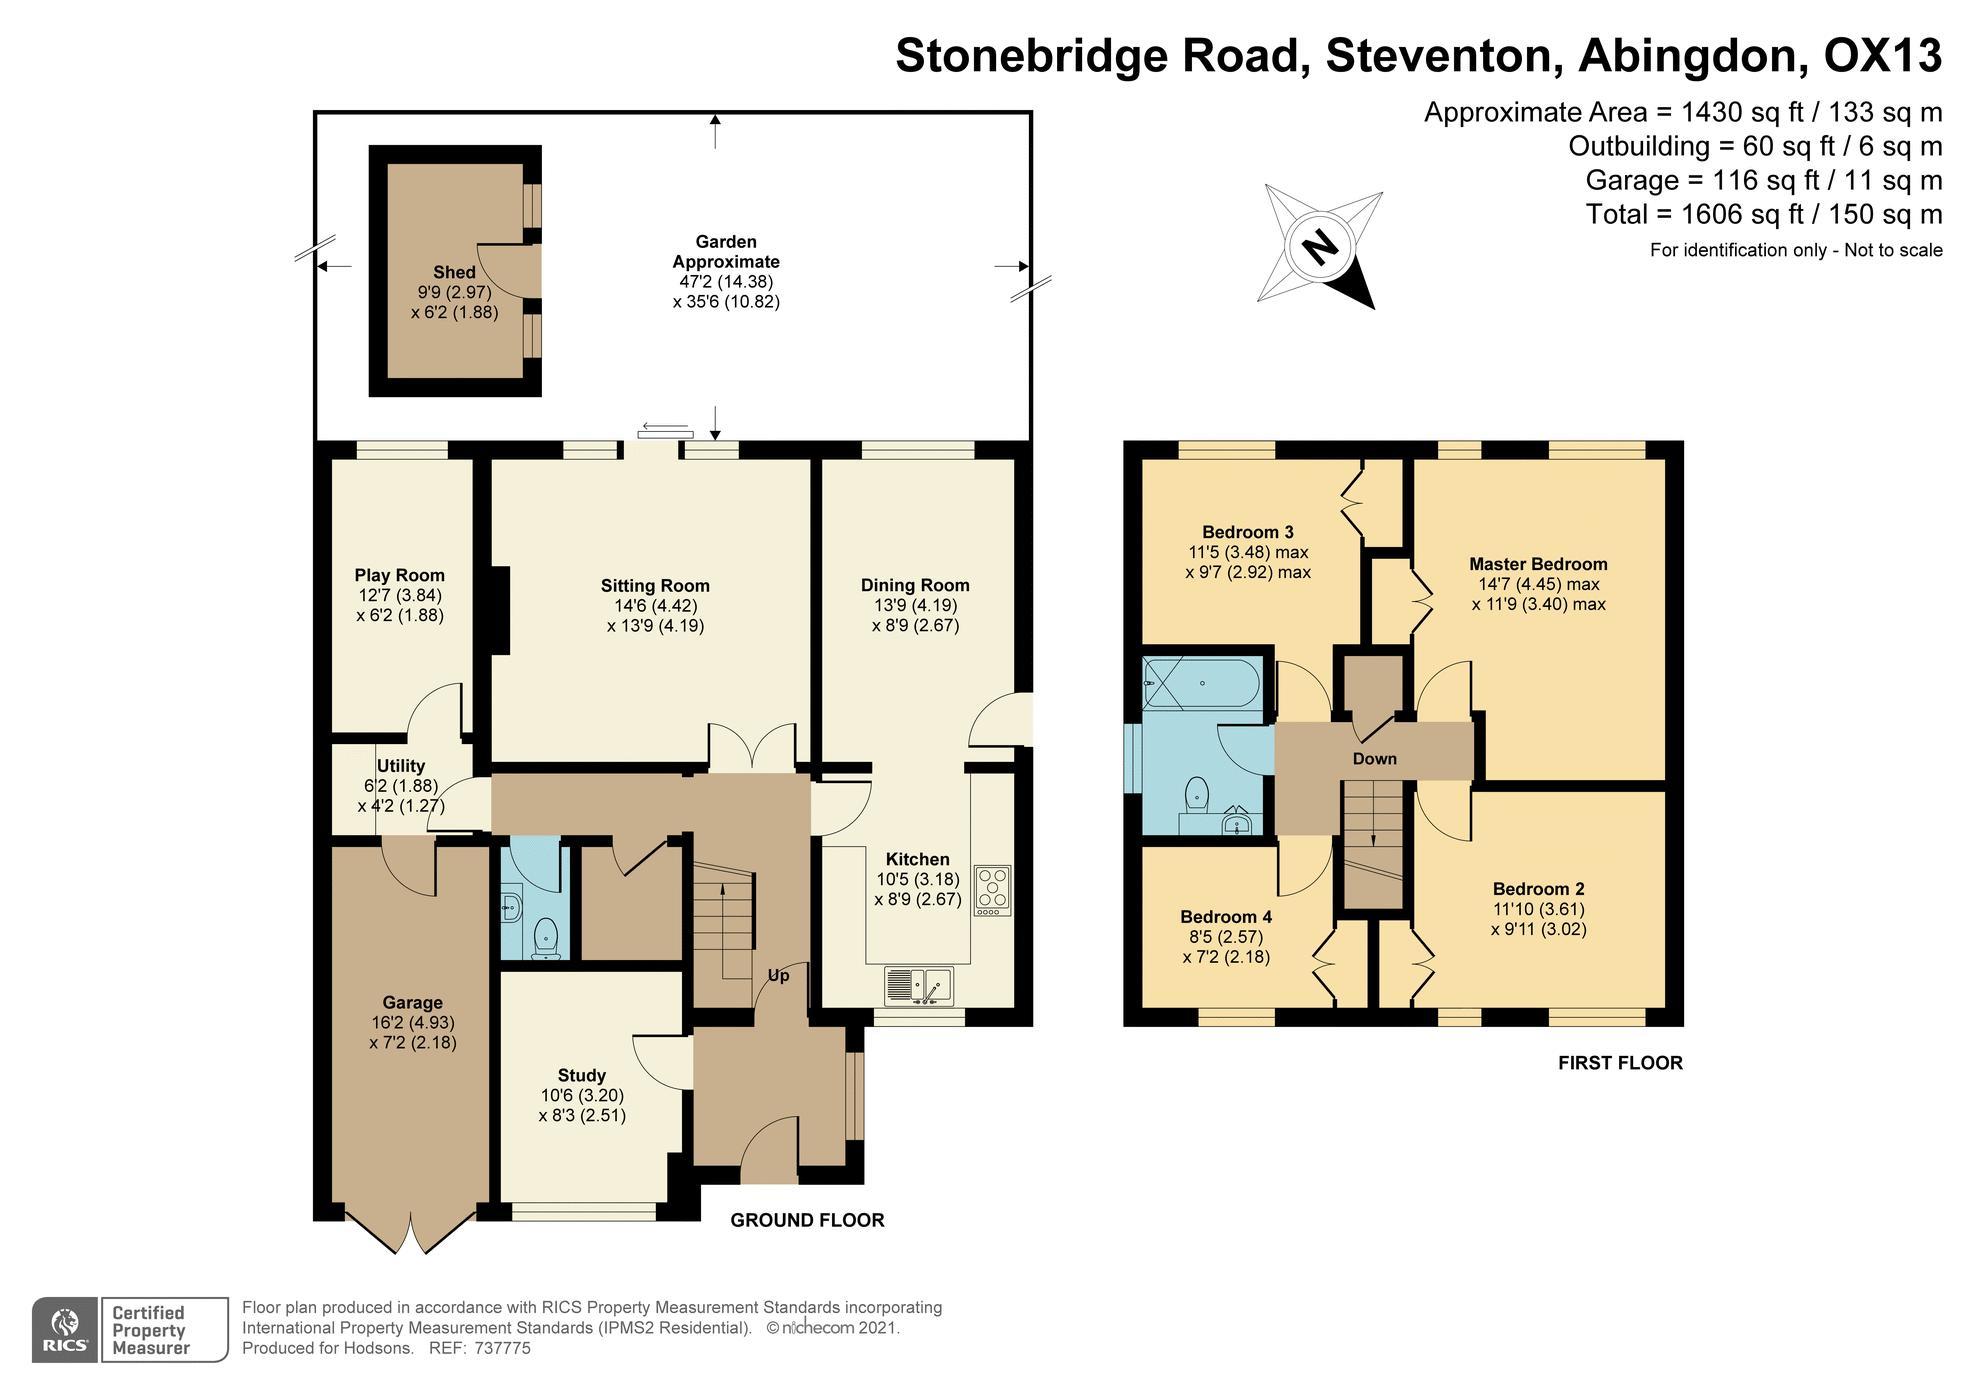 Stonebridge Road Steventon